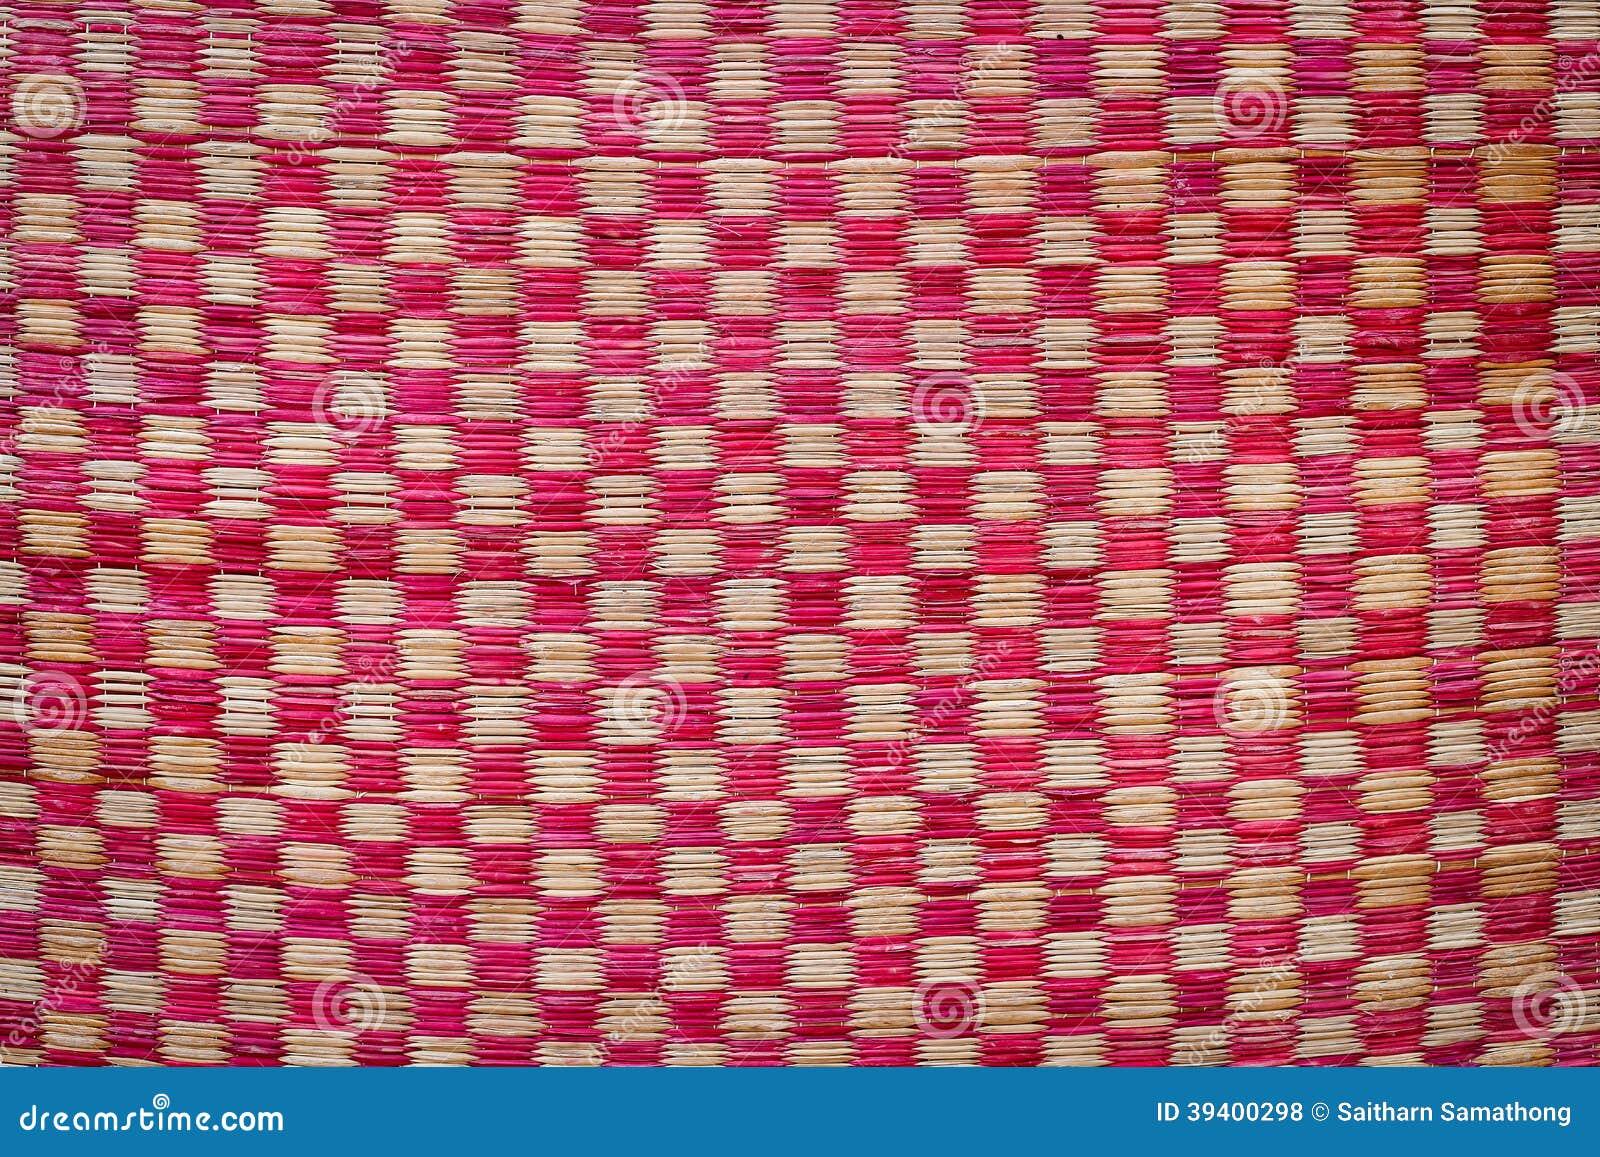 Stuoie del pavimento fotografia stock immagine 39400298 for Pavimento giapponese